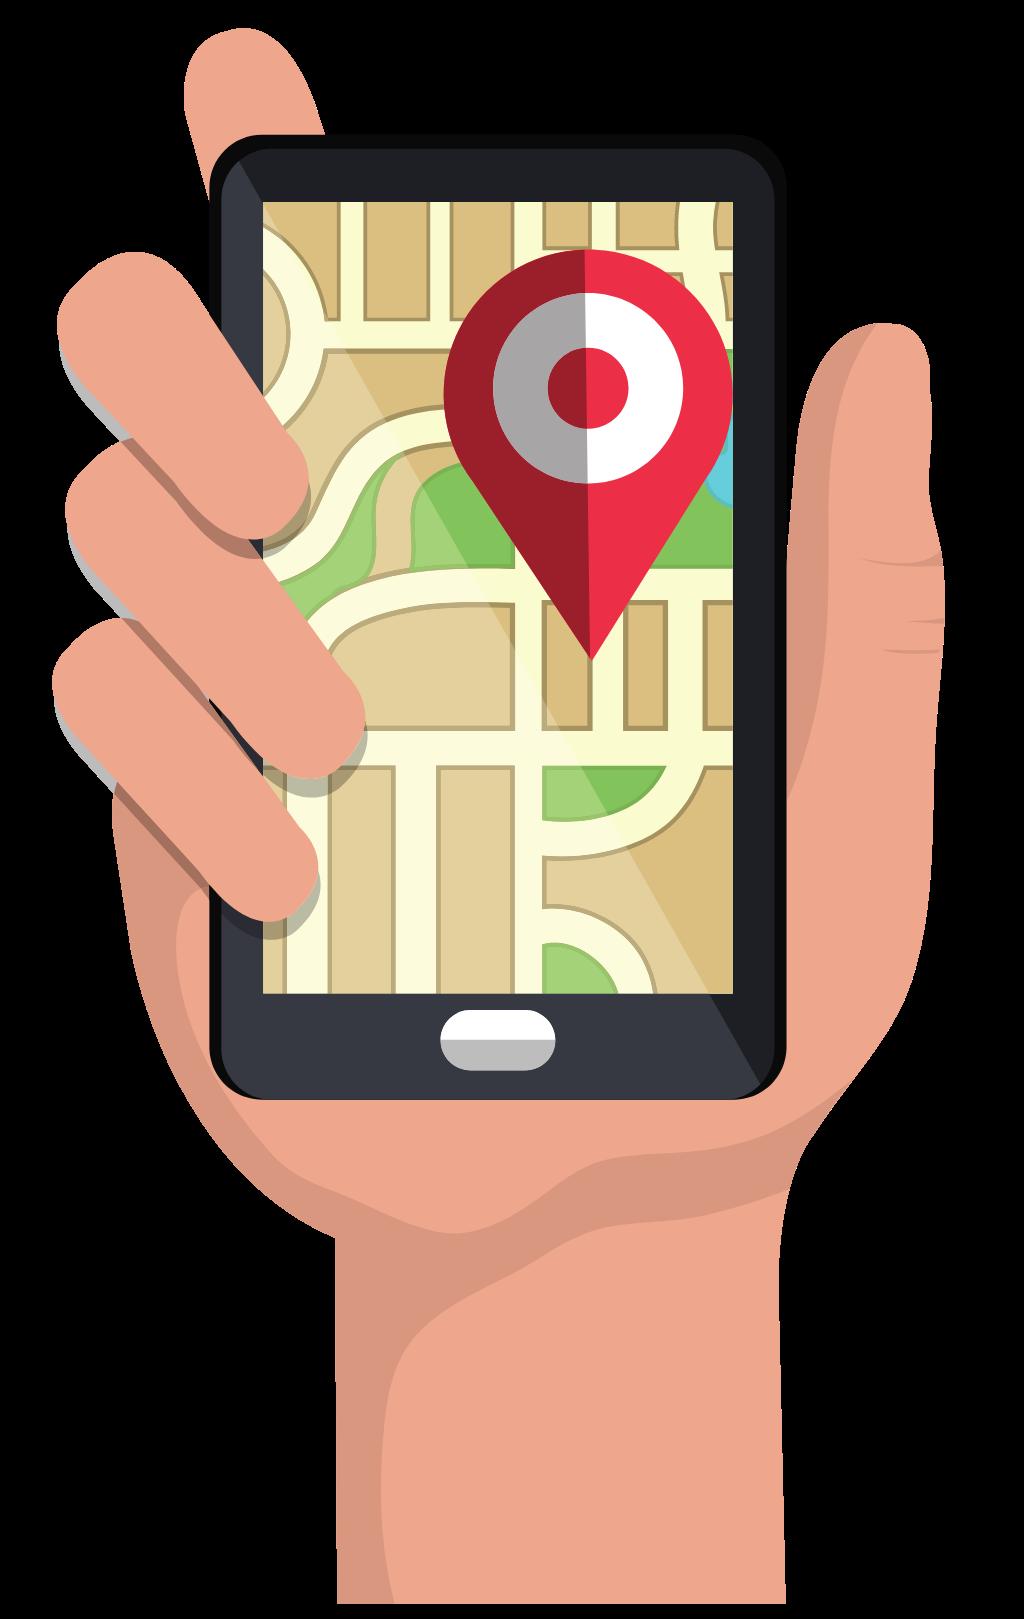 Mobile App Based Race